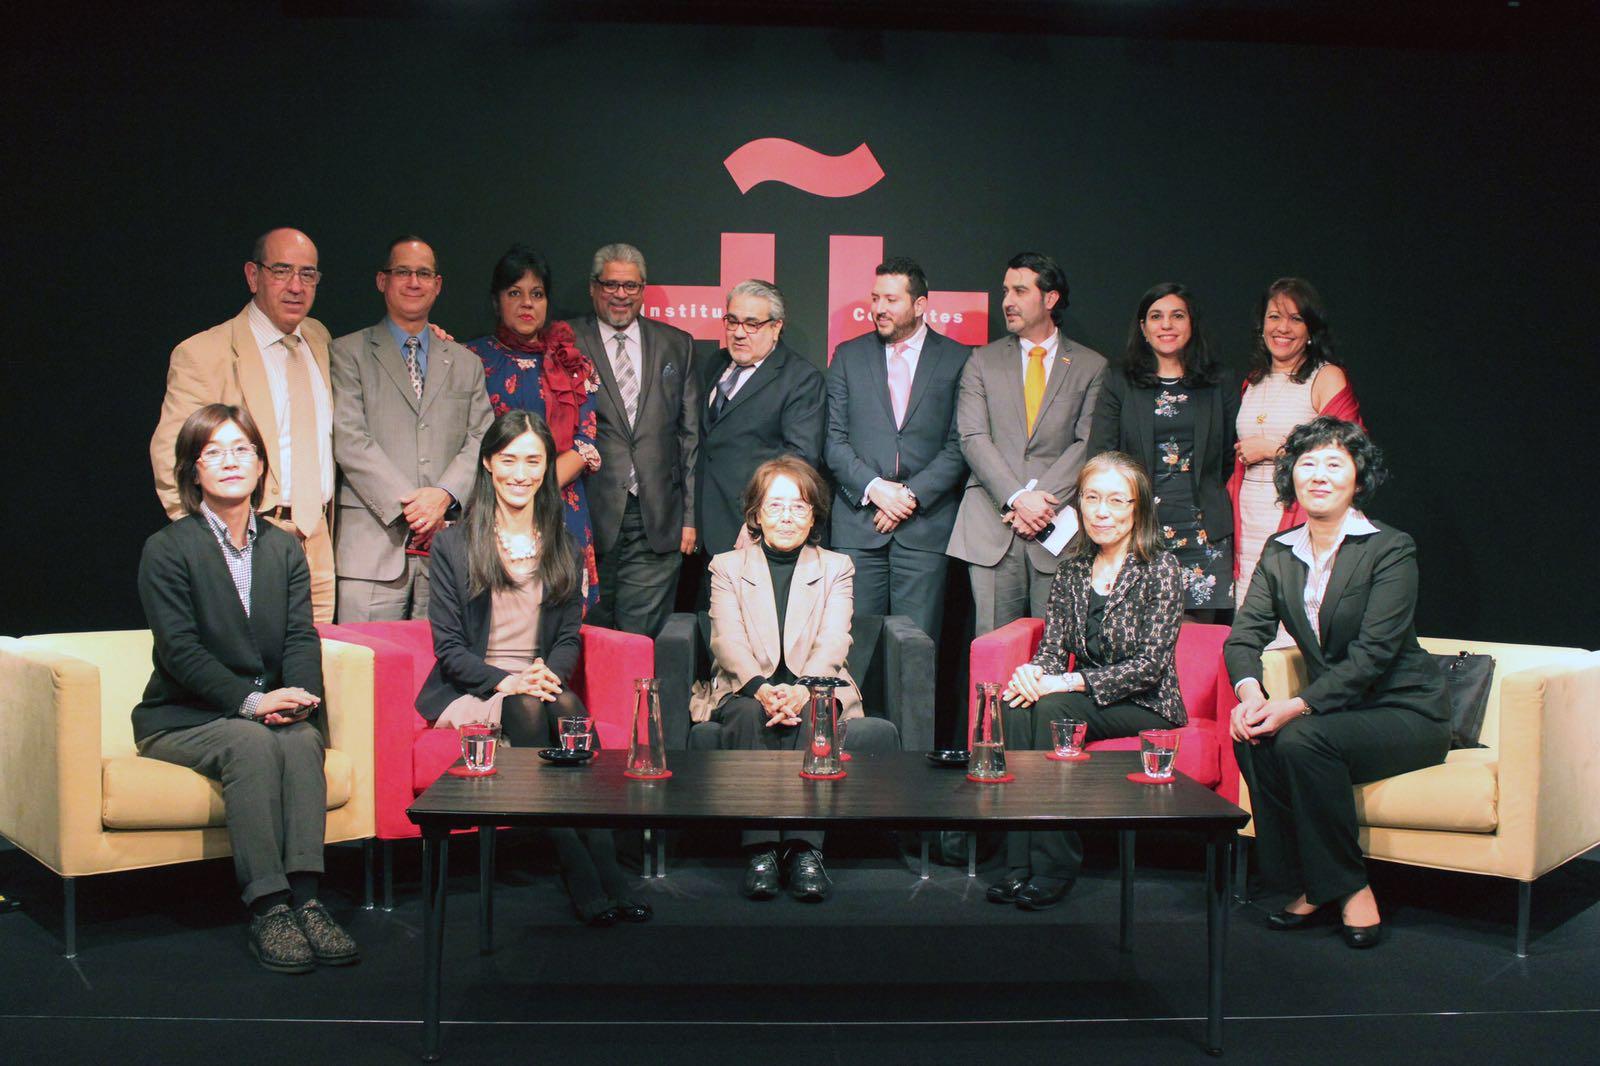 El embajador dominicano en Japón, Héctor Domínguez, encabezó a los diplomáticos que colaboraron con la actividad.